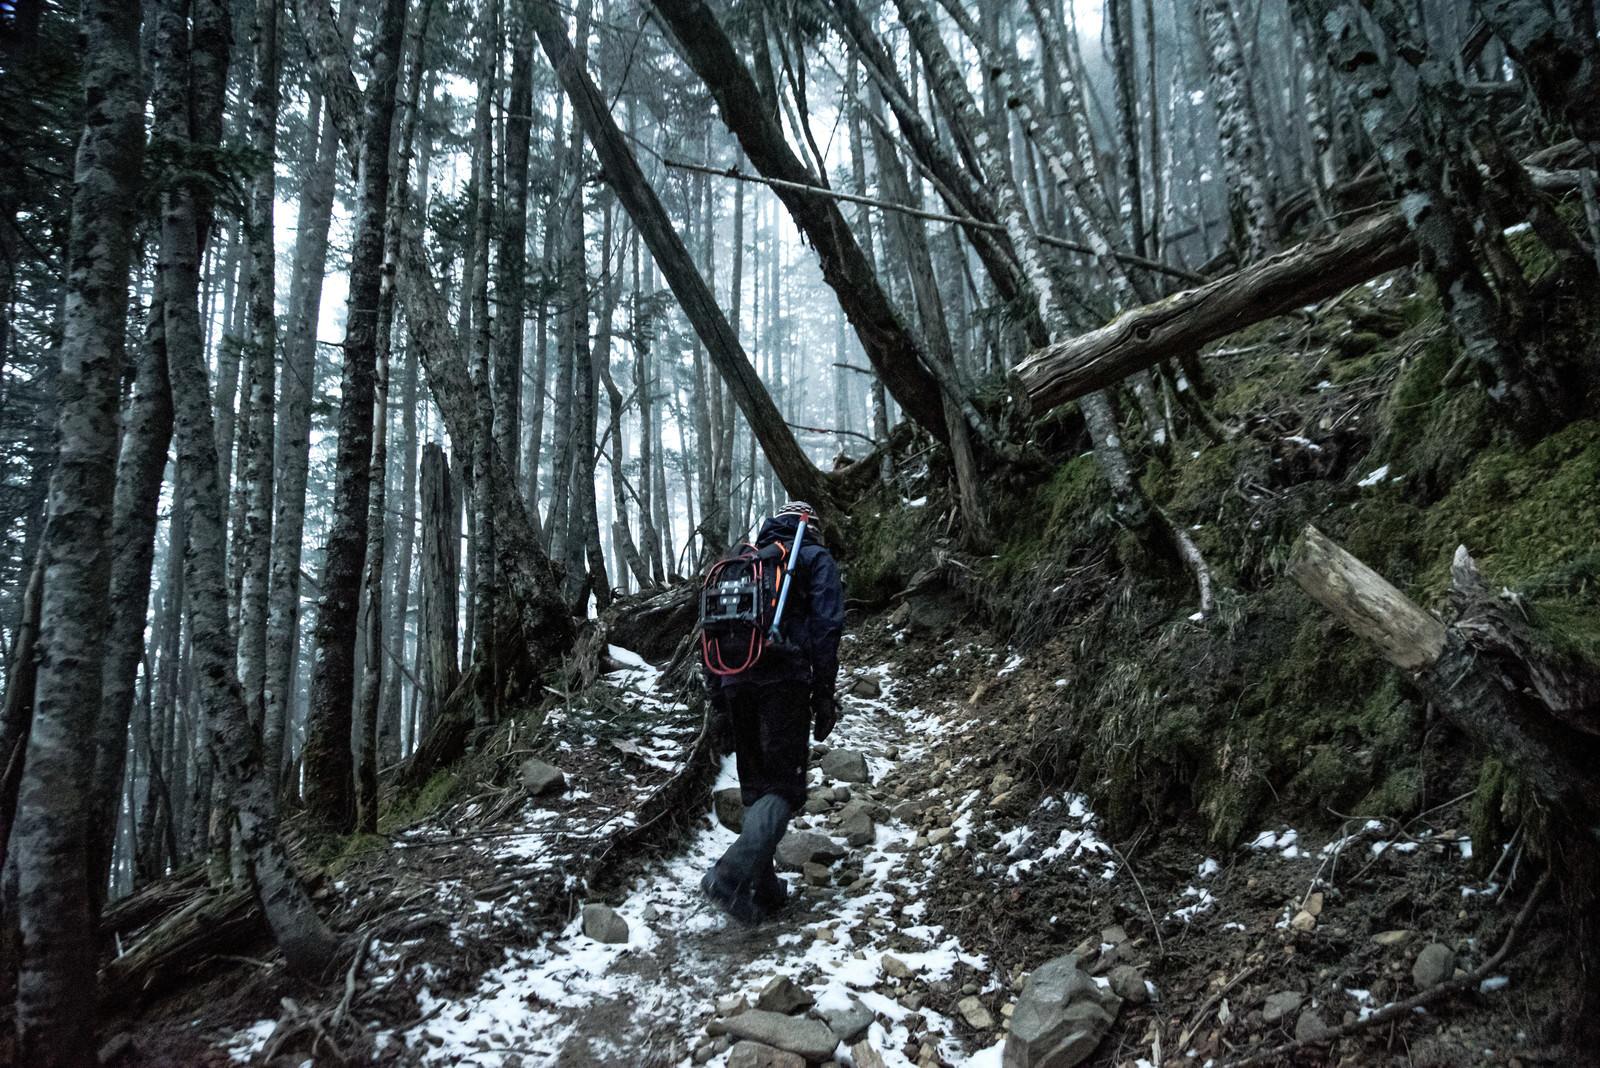 「初冬と倒木の森を散策する登山者」の写真